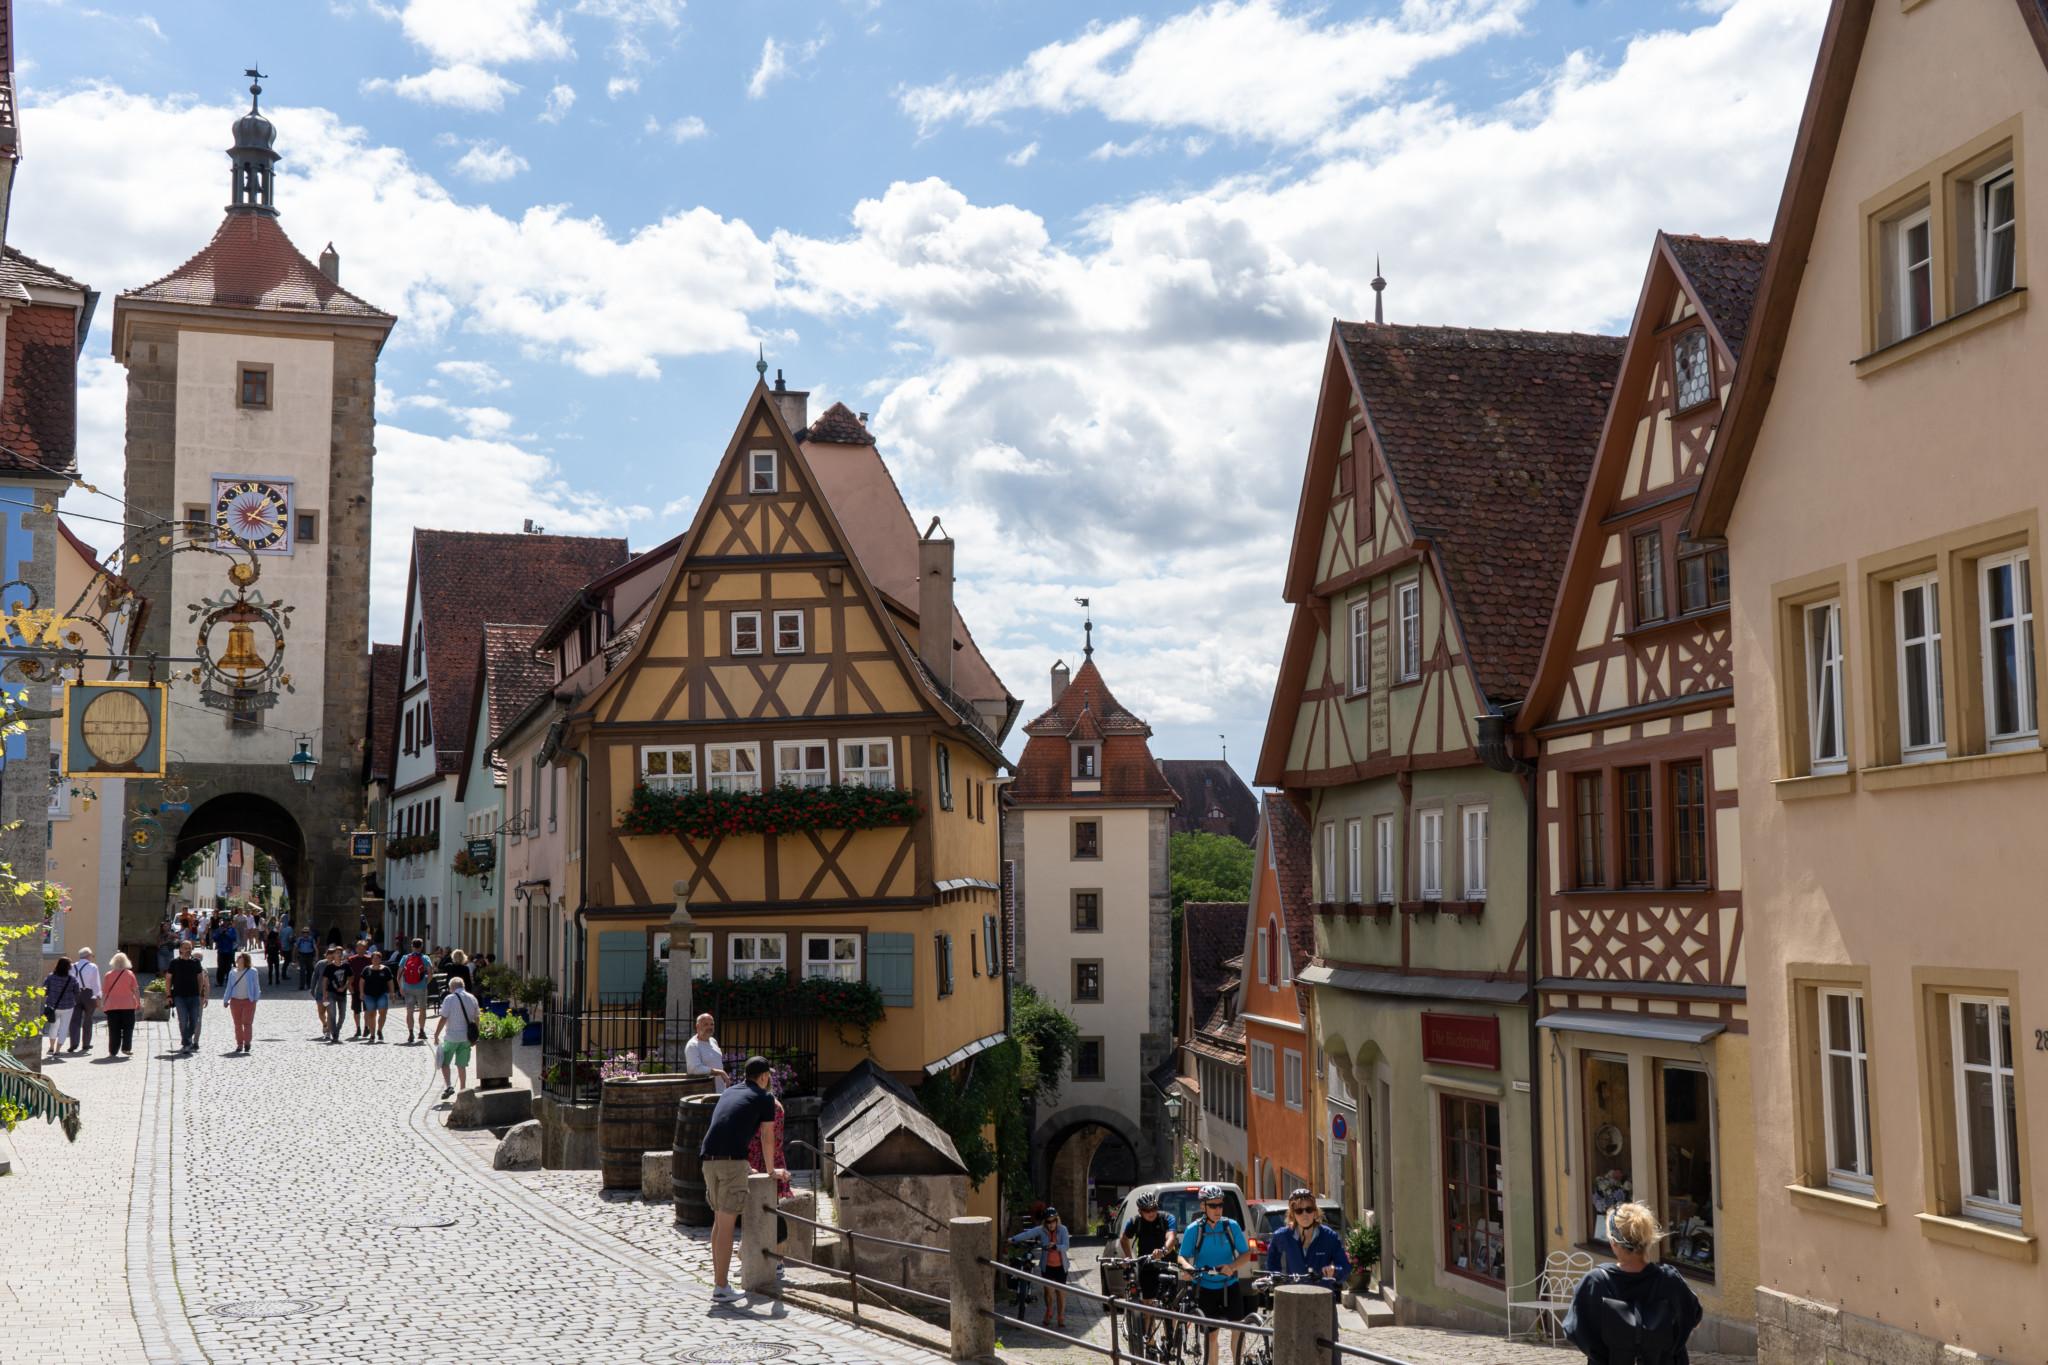 Das Plönlein ist die wichtigste Sehenswürdigkeit in Rothenburg ob der Tauber